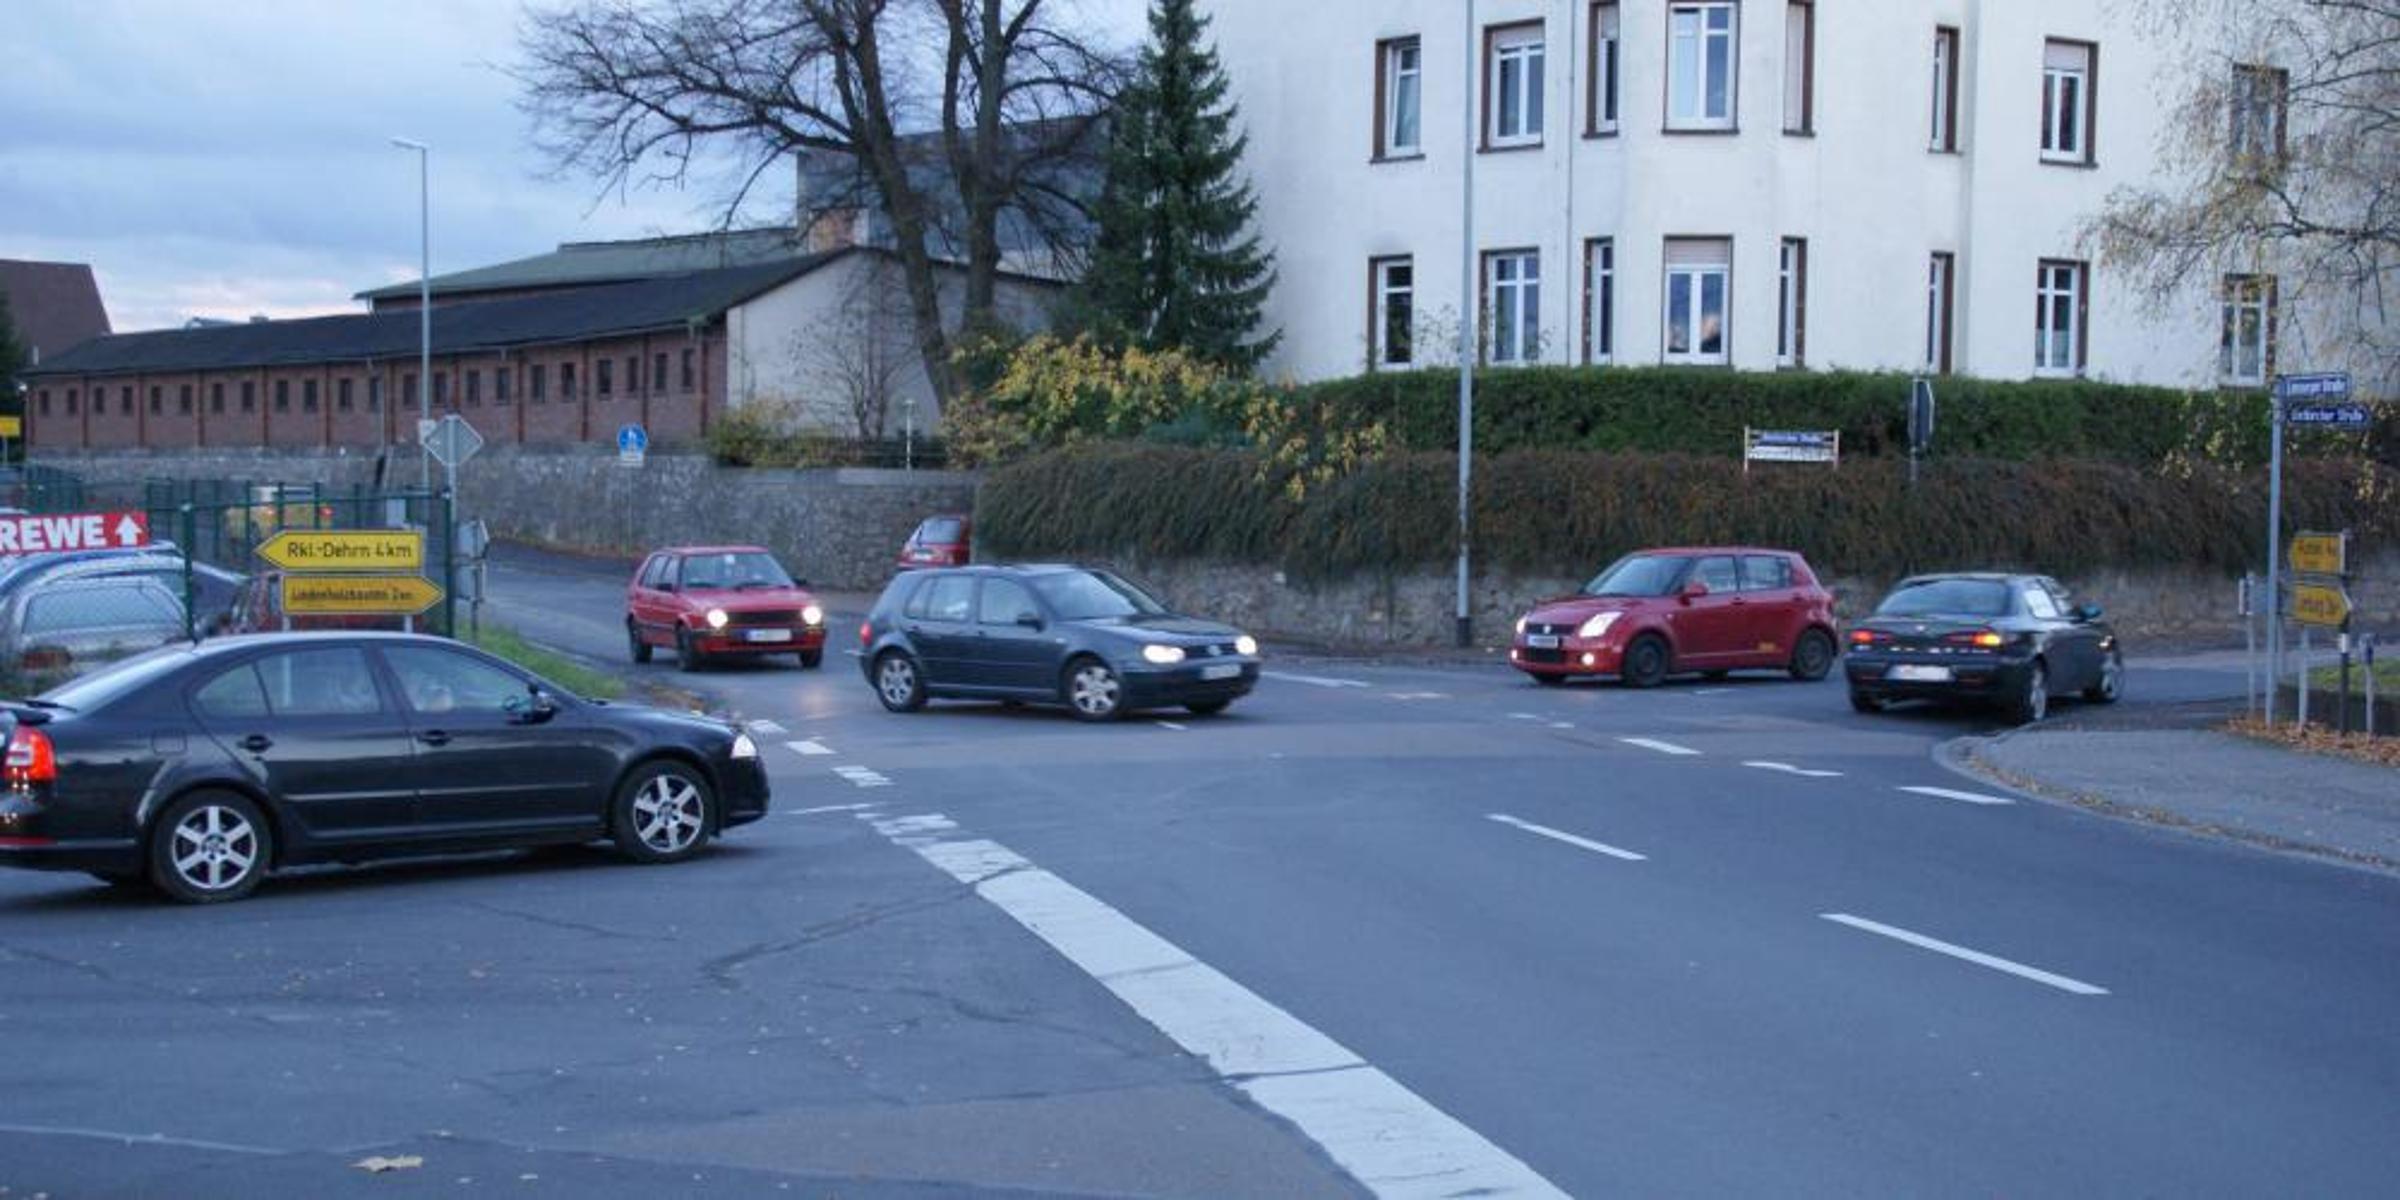 Gerade zu Stoßzeiten kann es an dieser Kreuzung am Ortsrand von Eschhofen (rechts geht es nach Lindenholzhausen, geradeaus nach Ennerich) unübersichtlich werden. Nach den politischen Beschlüssen wird ein Kreisel gewünscht, alternativ eine Ampel - © Koenig Johannes